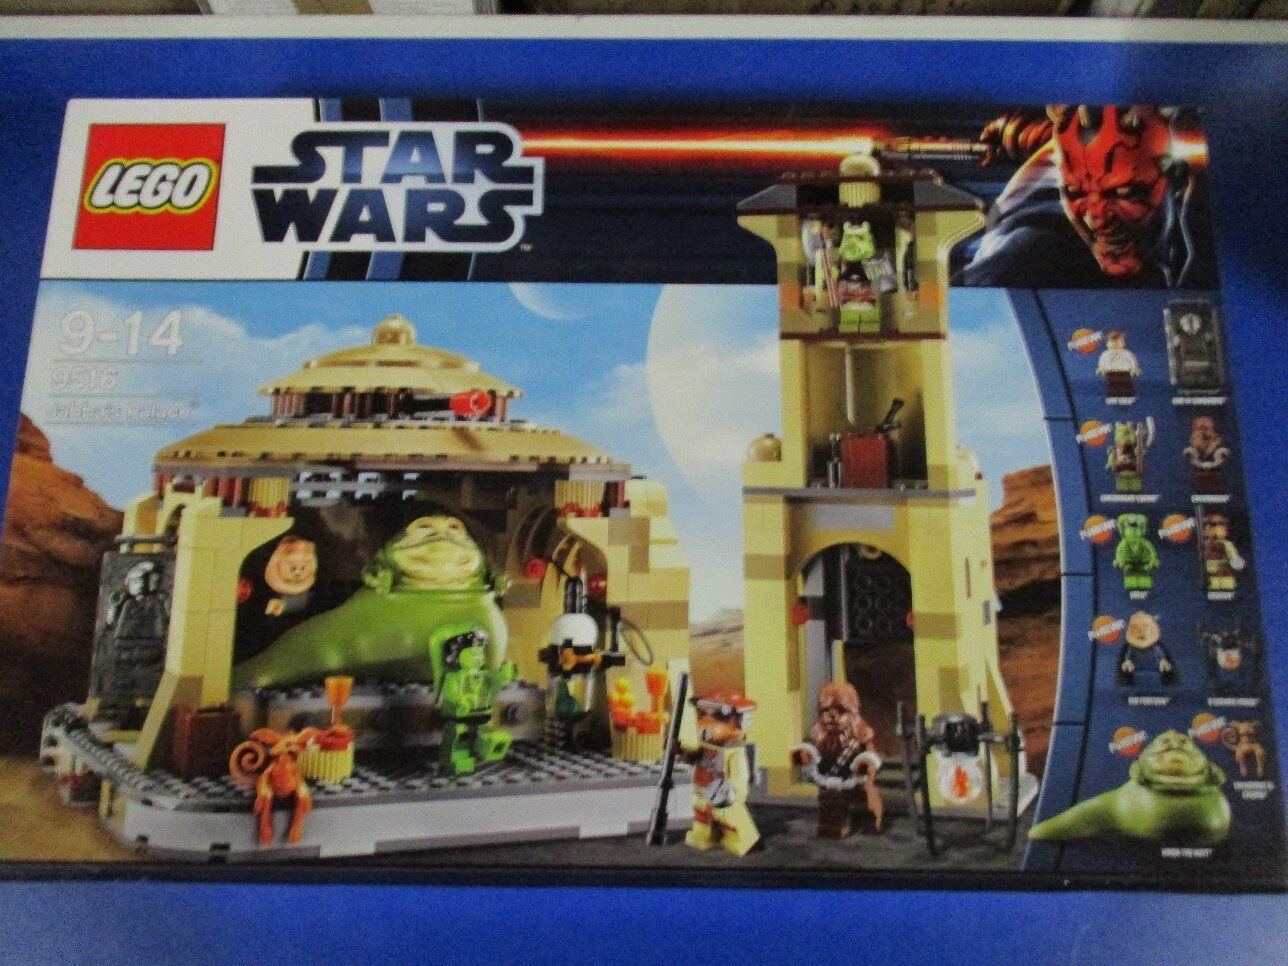 LEGO estrella guerras  9516 Jabba'S PALACE NUOVO OVP  negozi al dettaglio